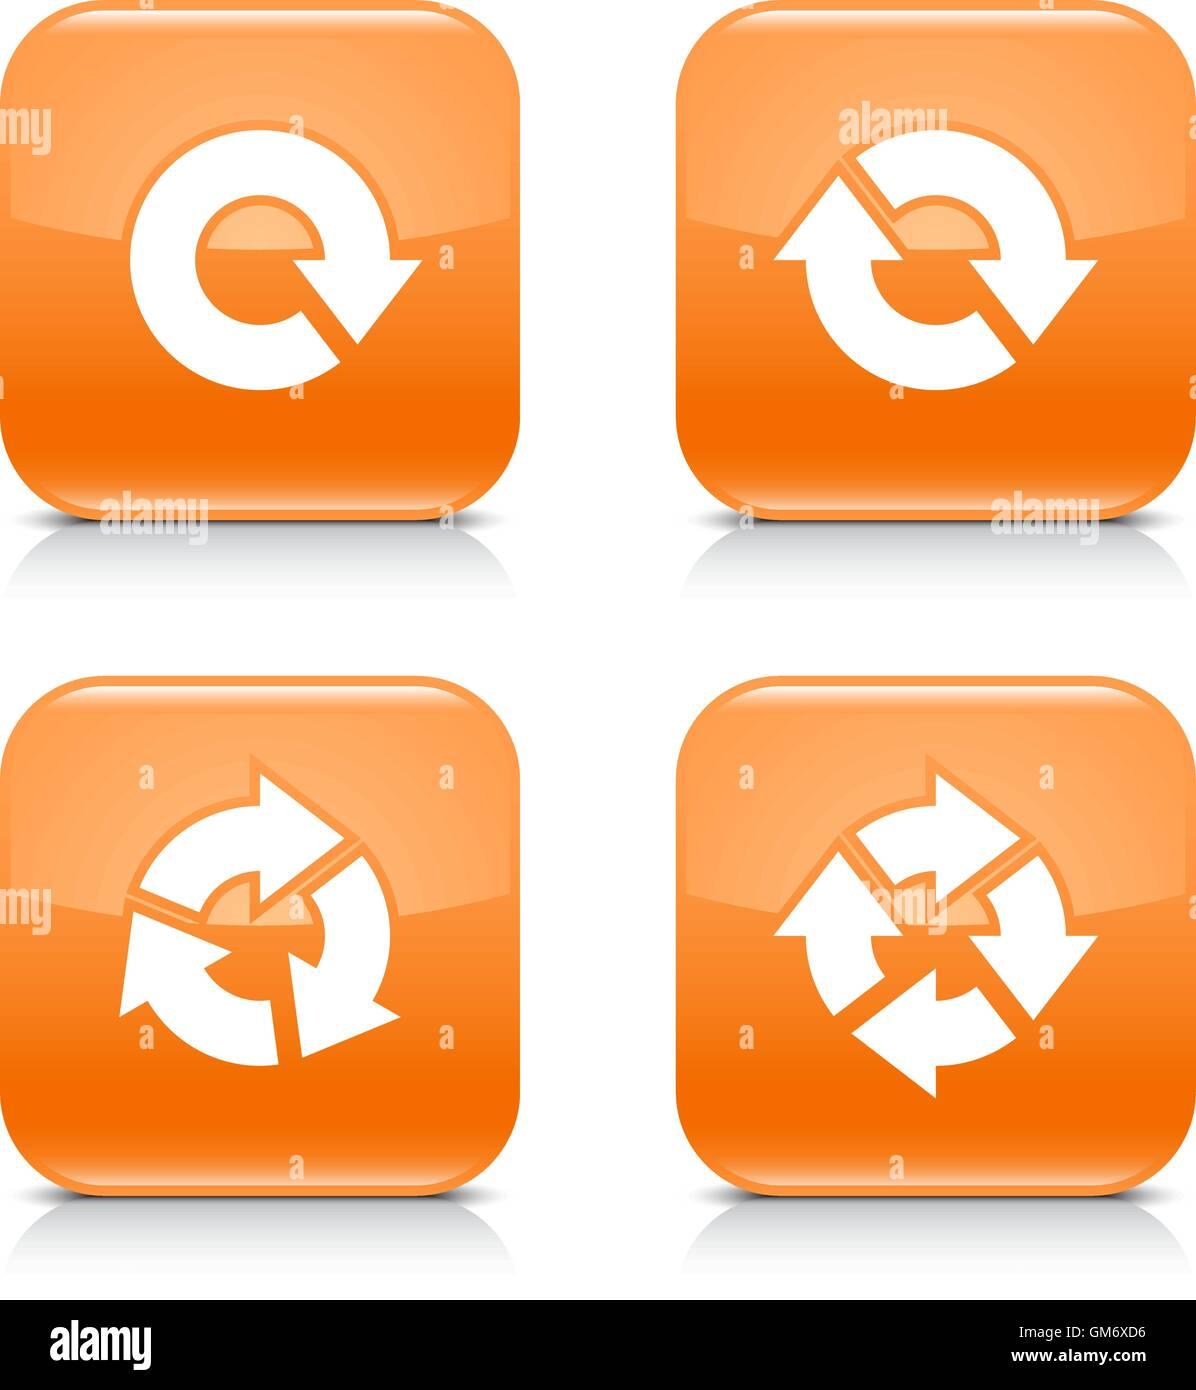 4 Pfeil-Symbol. Weiße aktualisieren, Reload, Rotation, Wiederholungszeichen. Setzen Sie 04. Orange gerundet Stockbild